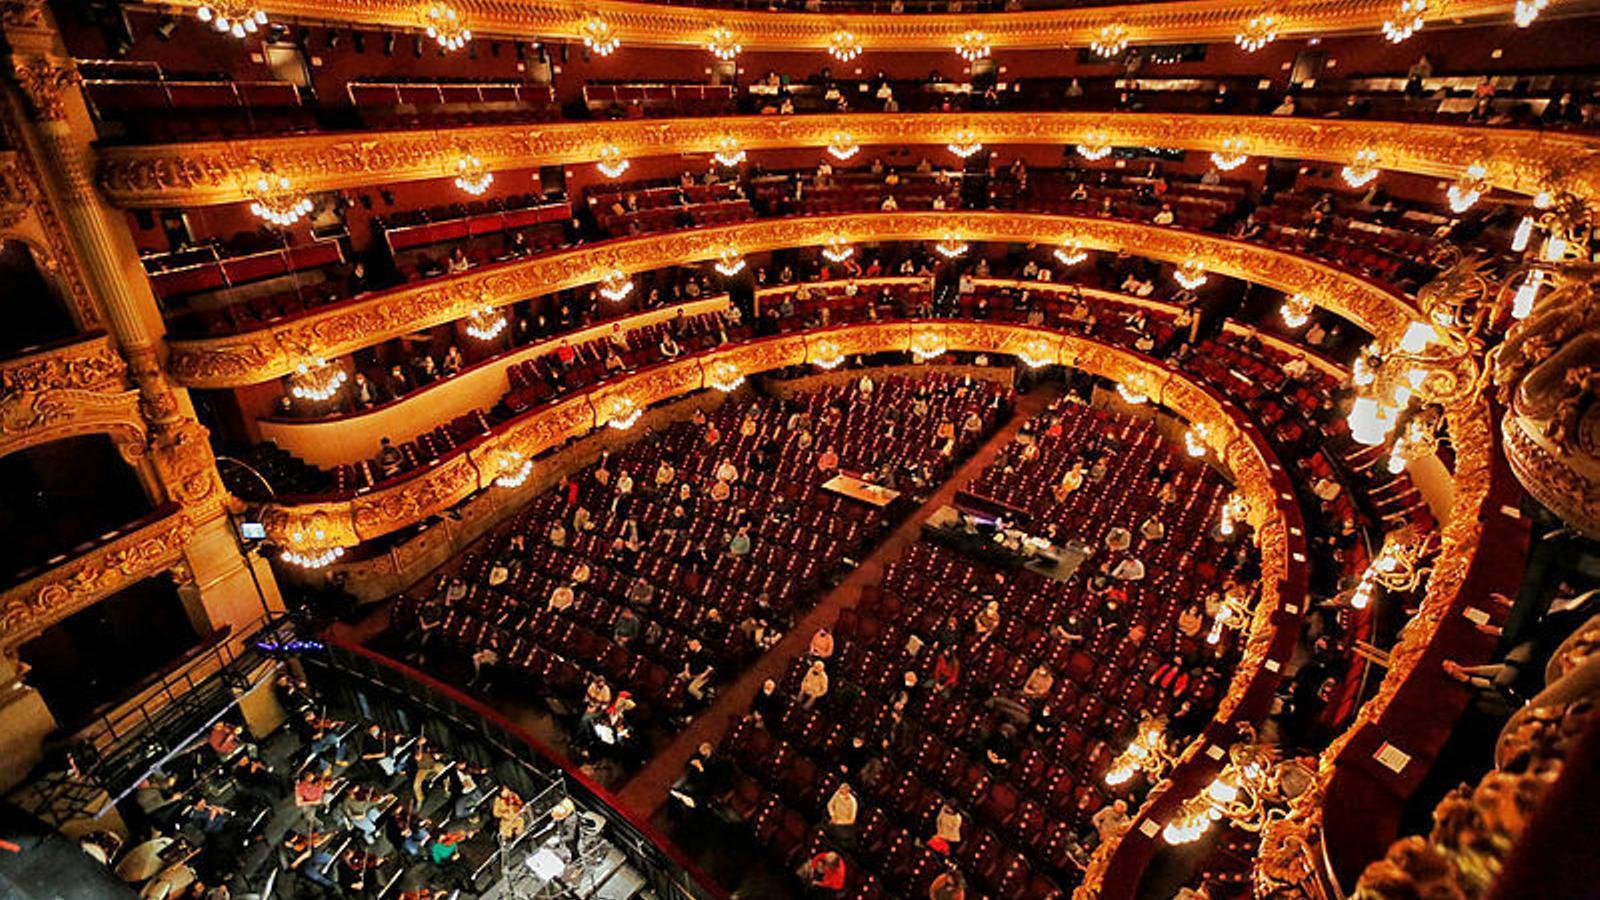 Aquesta és la imatge del Liceu amb 500 espectadors, feta en un assaig de 'La Traviata'